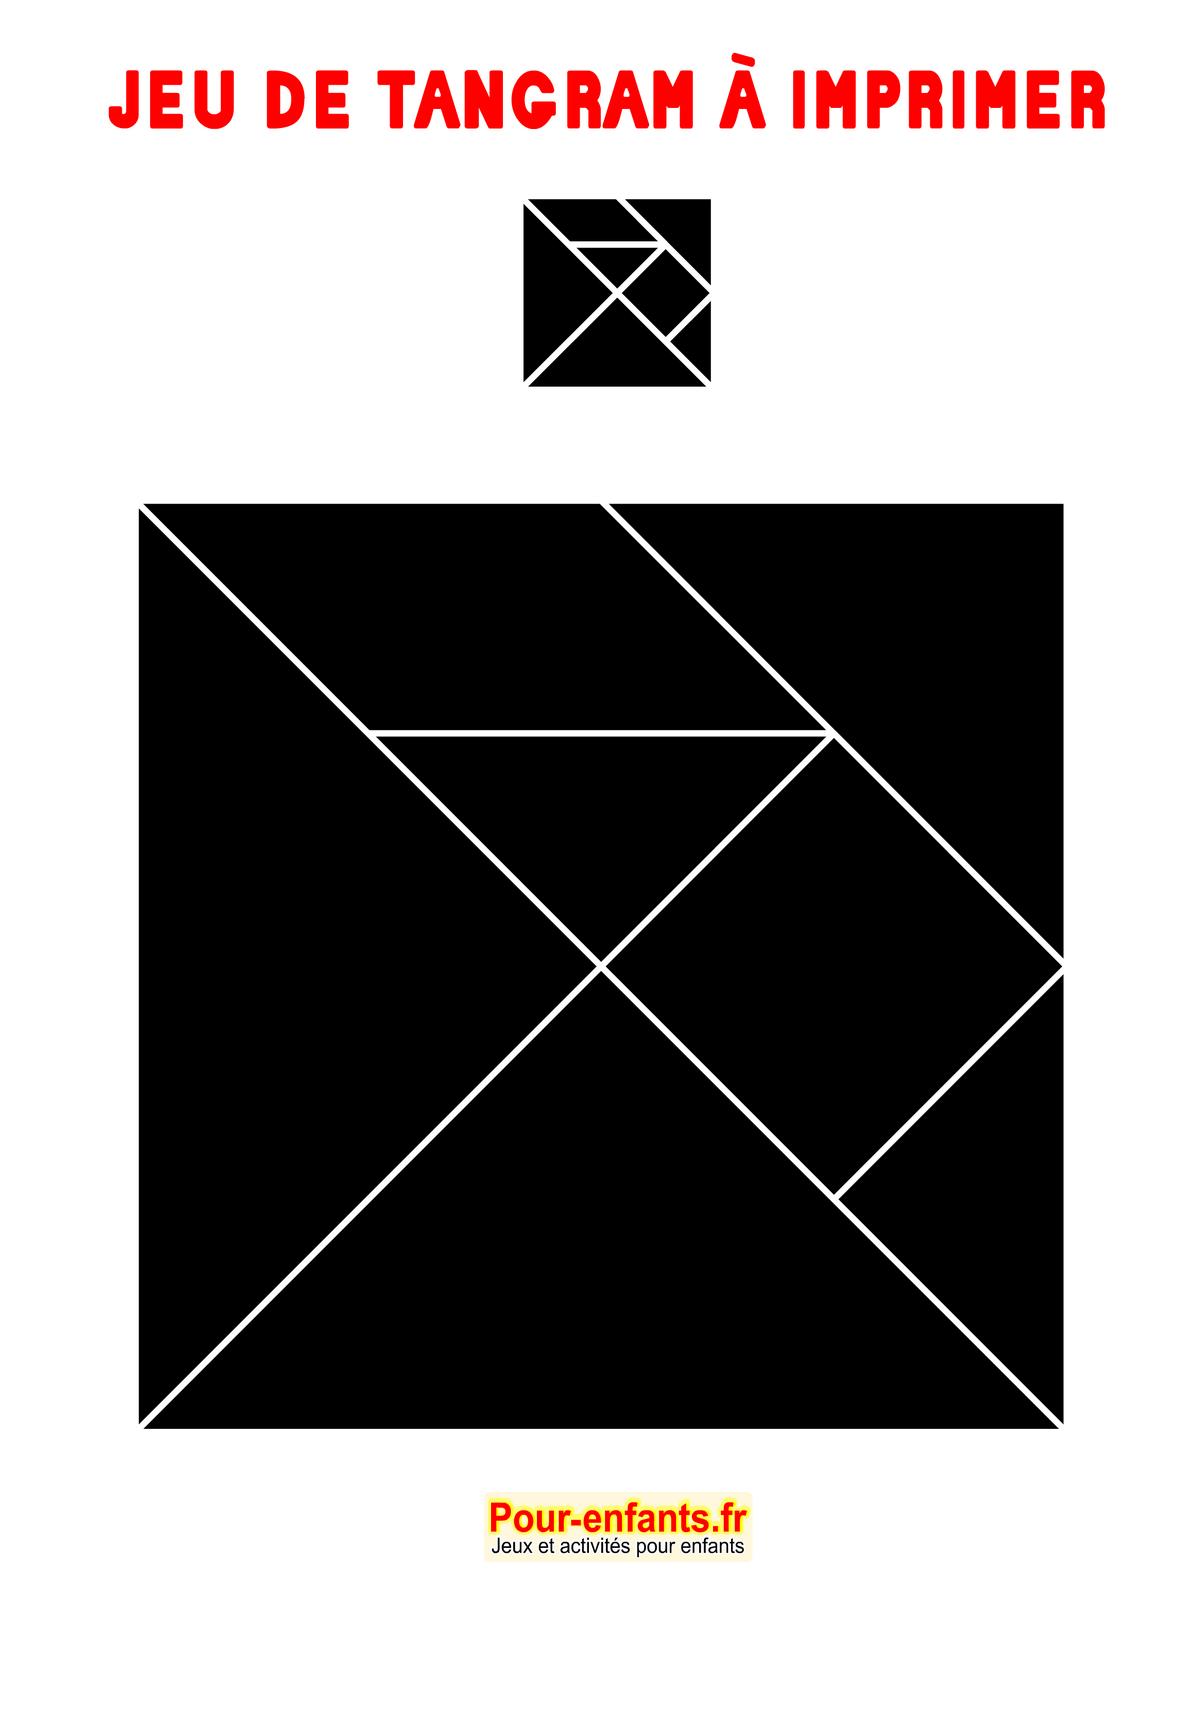 Tangram À Imprimer Maternelle Gratuit Jeux Ms Ps Gs Cp destiné Tangram A Imprimer